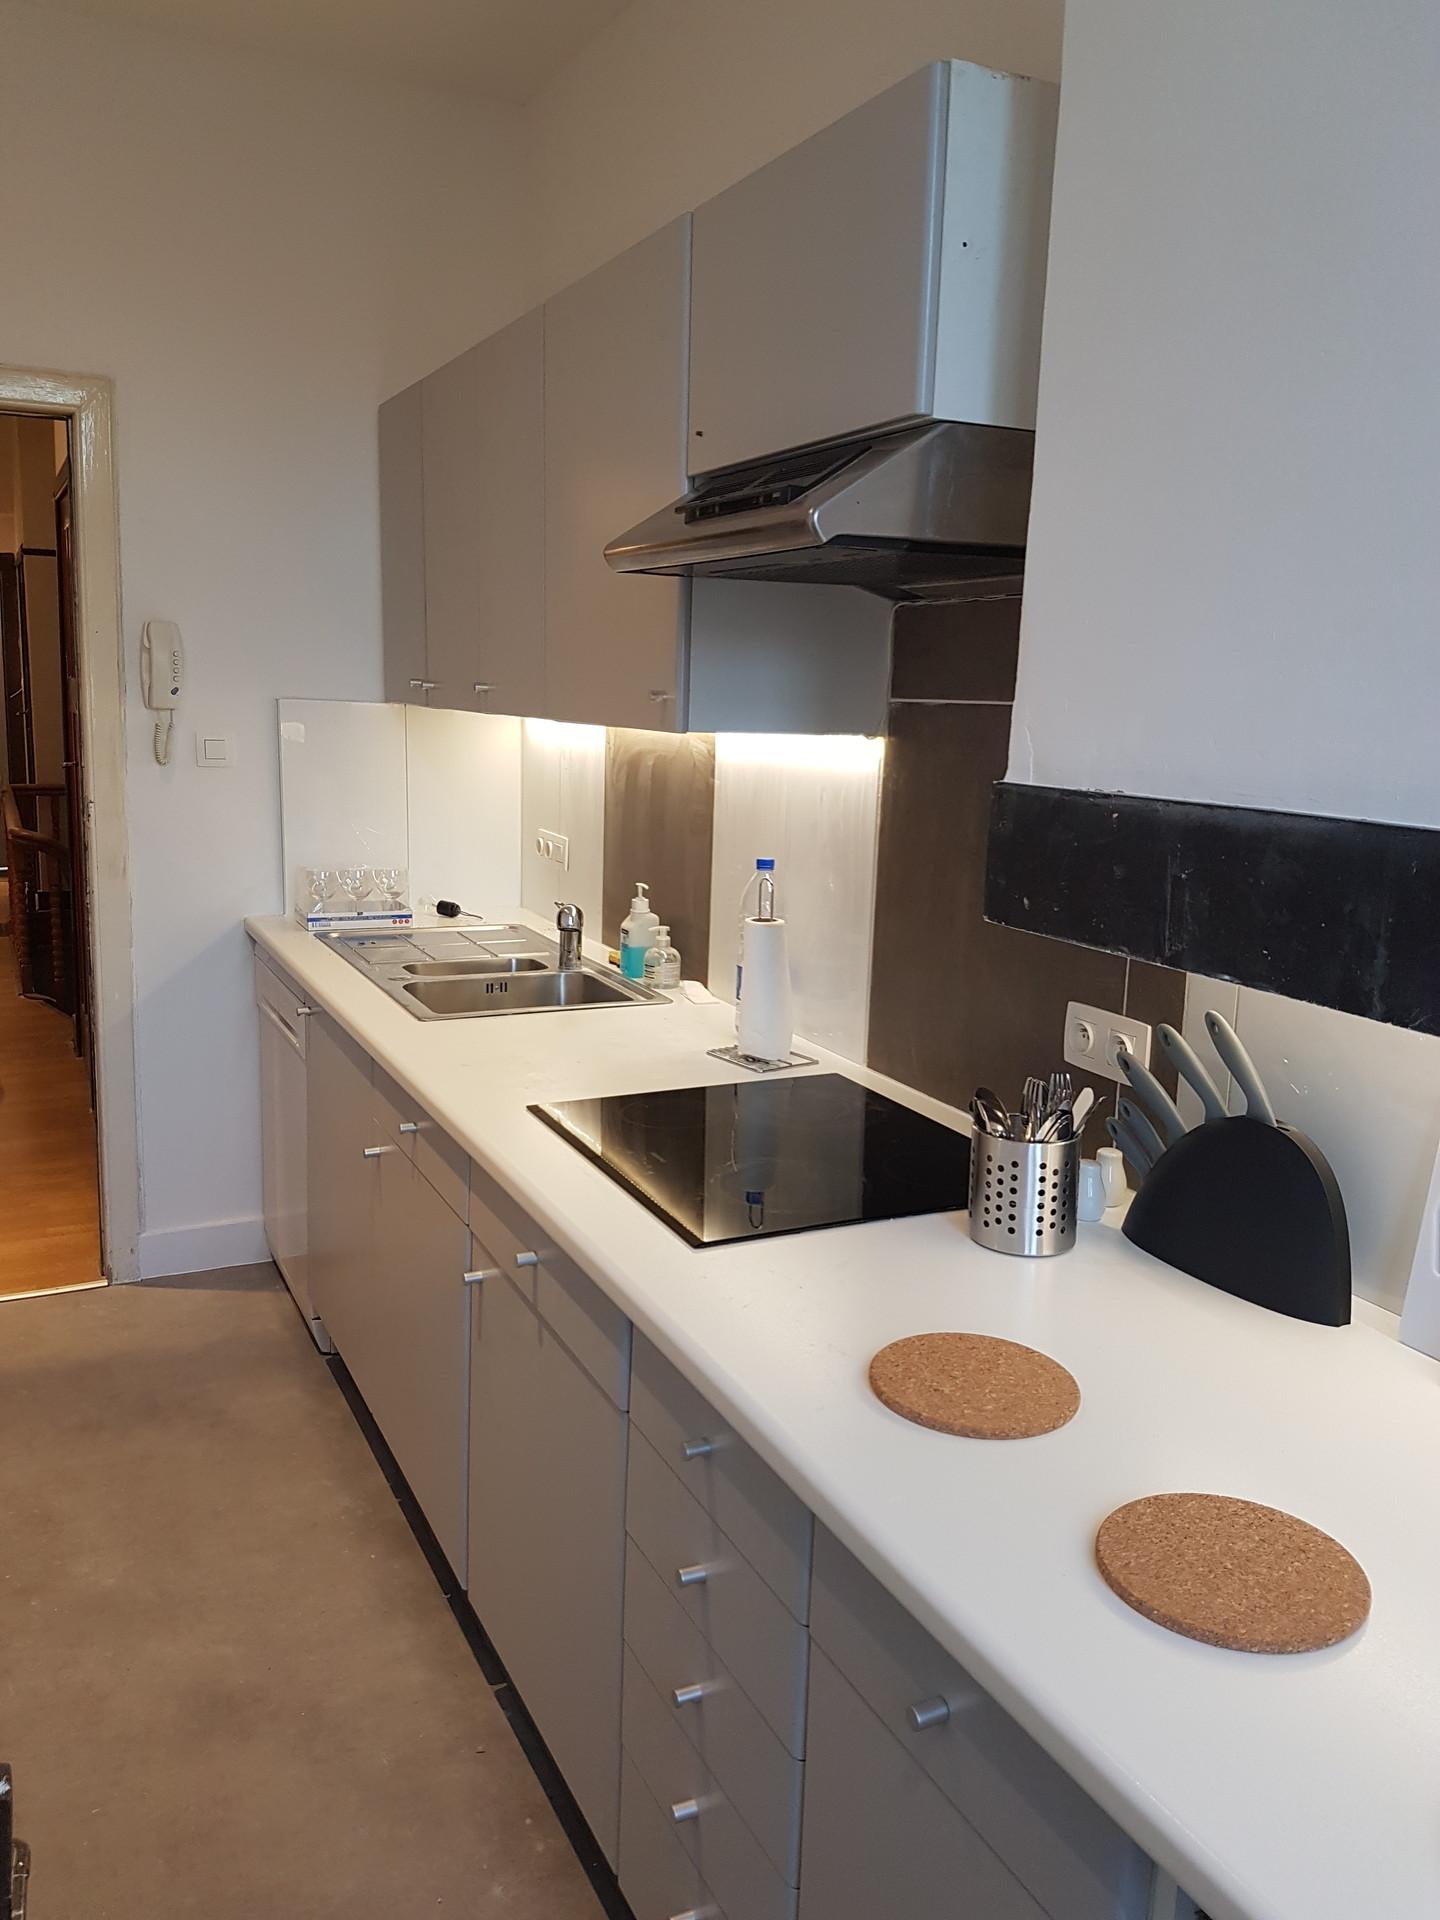 chambre avec salon et cuisine et salle de bain partager location chambres bruxelles. Black Bedroom Furniture Sets. Home Design Ideas